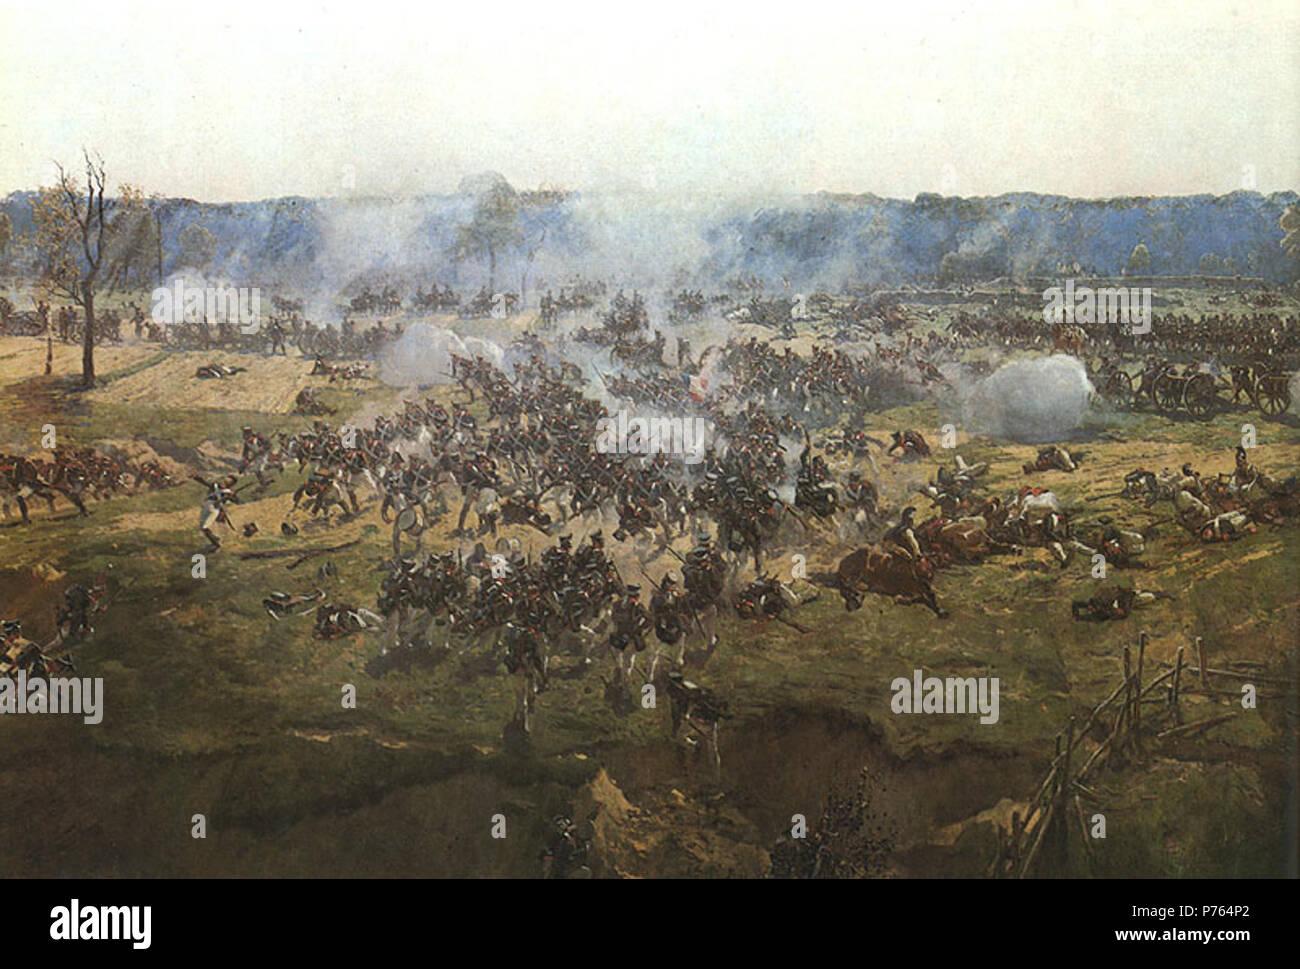 En: Bagration flèches, Detail von seinem Panoramablick auf die Malerei der Borodino Schlacht (1912). 1912 203 Roubaud Erweiterungsperspektive berücksichtigt wird Stockbild